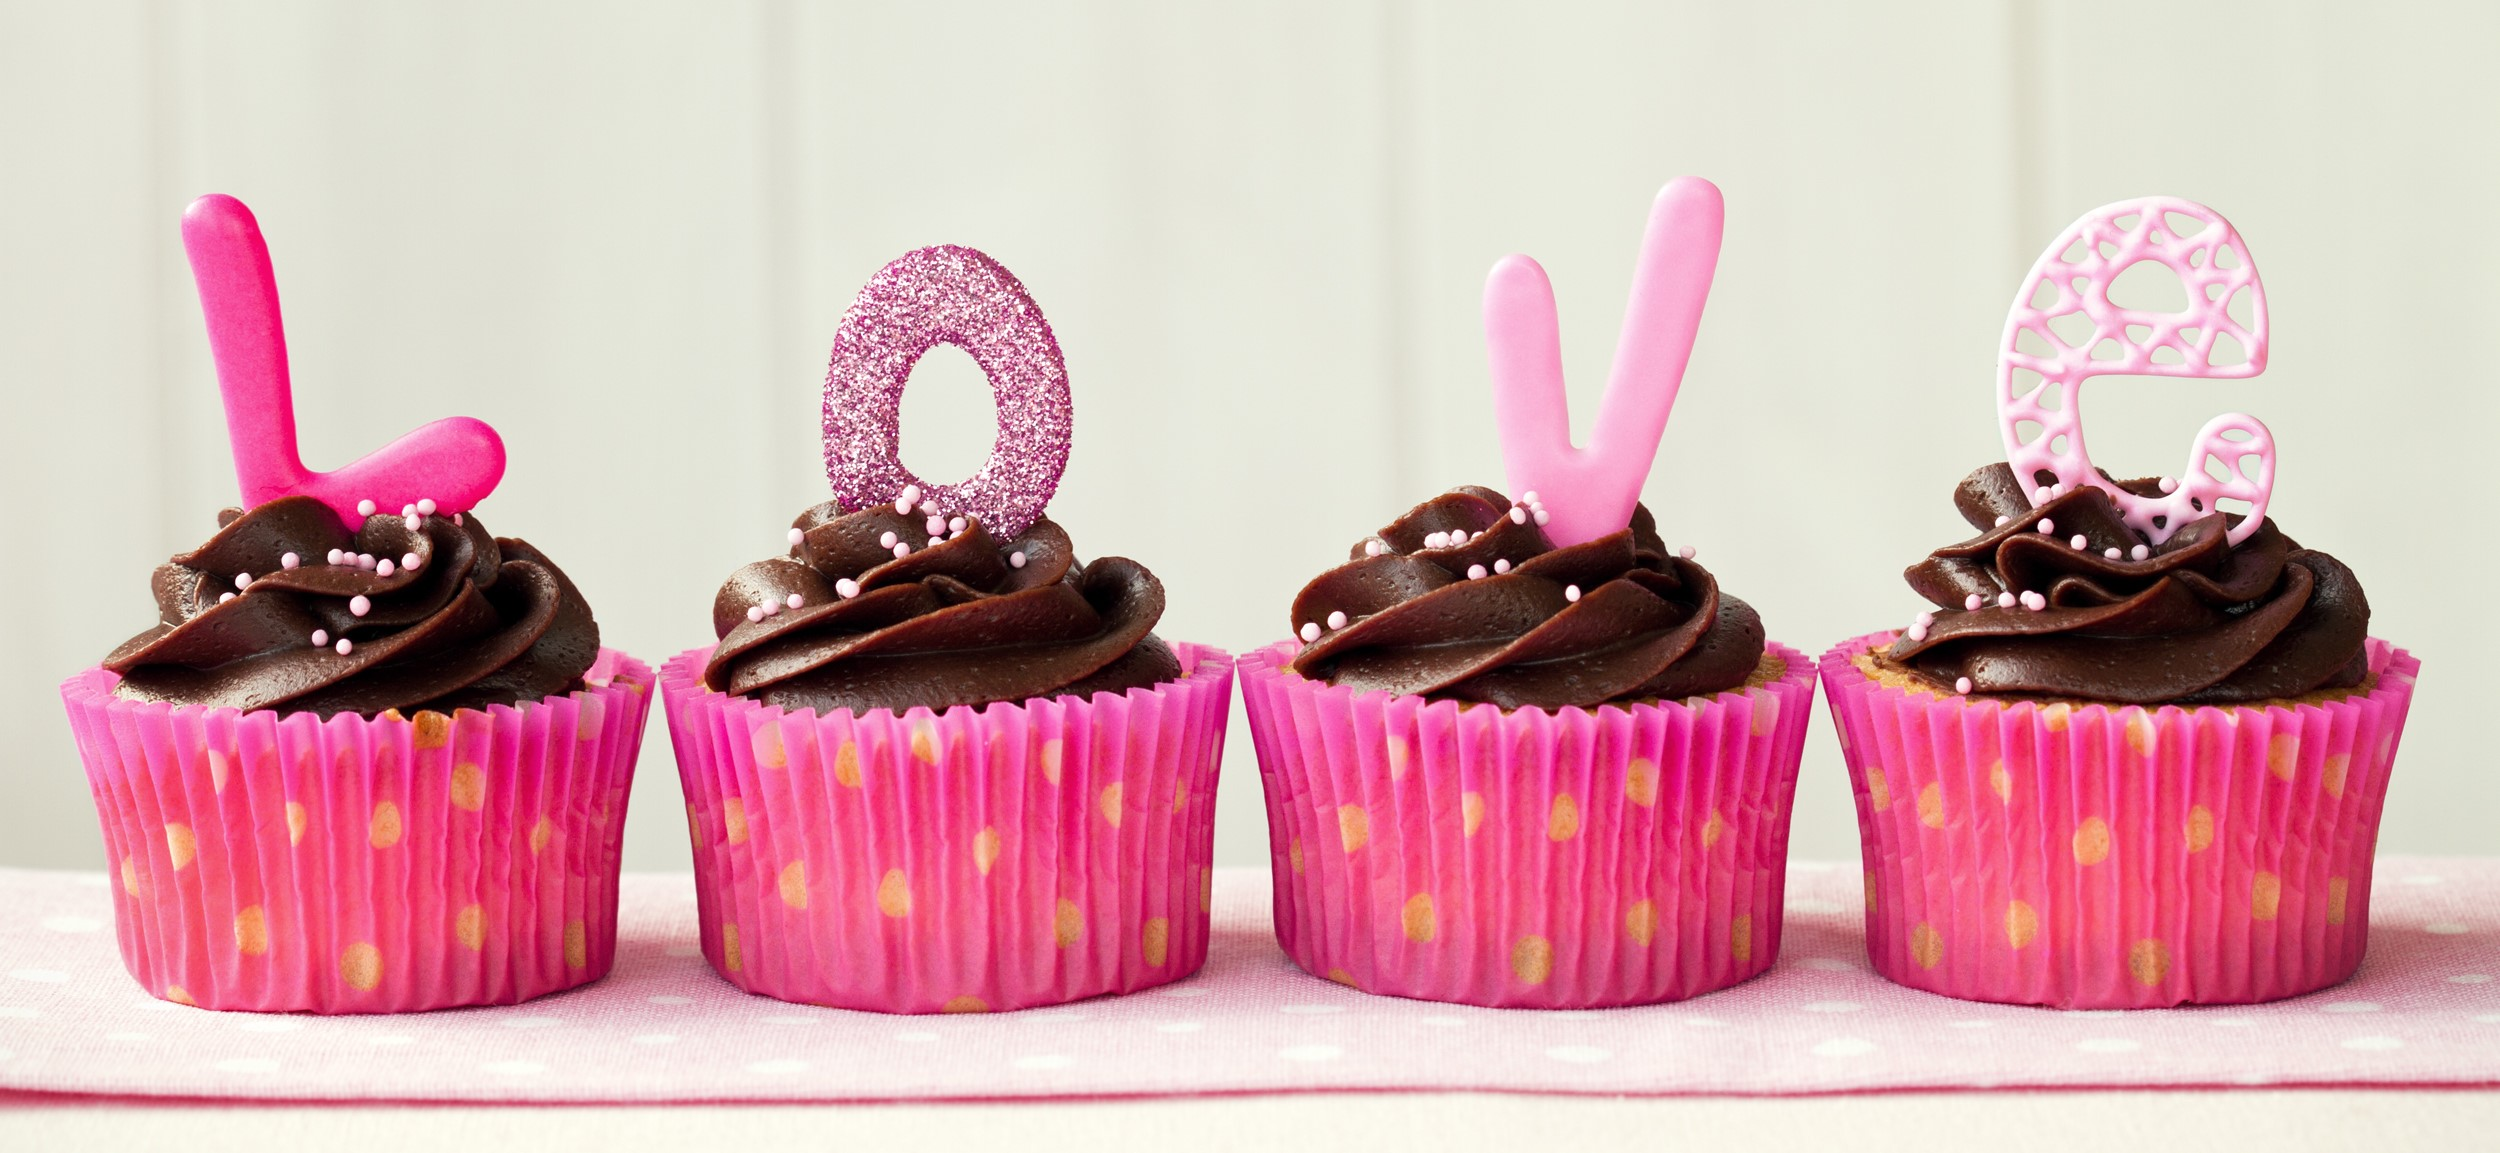 Valentine's Day cake image